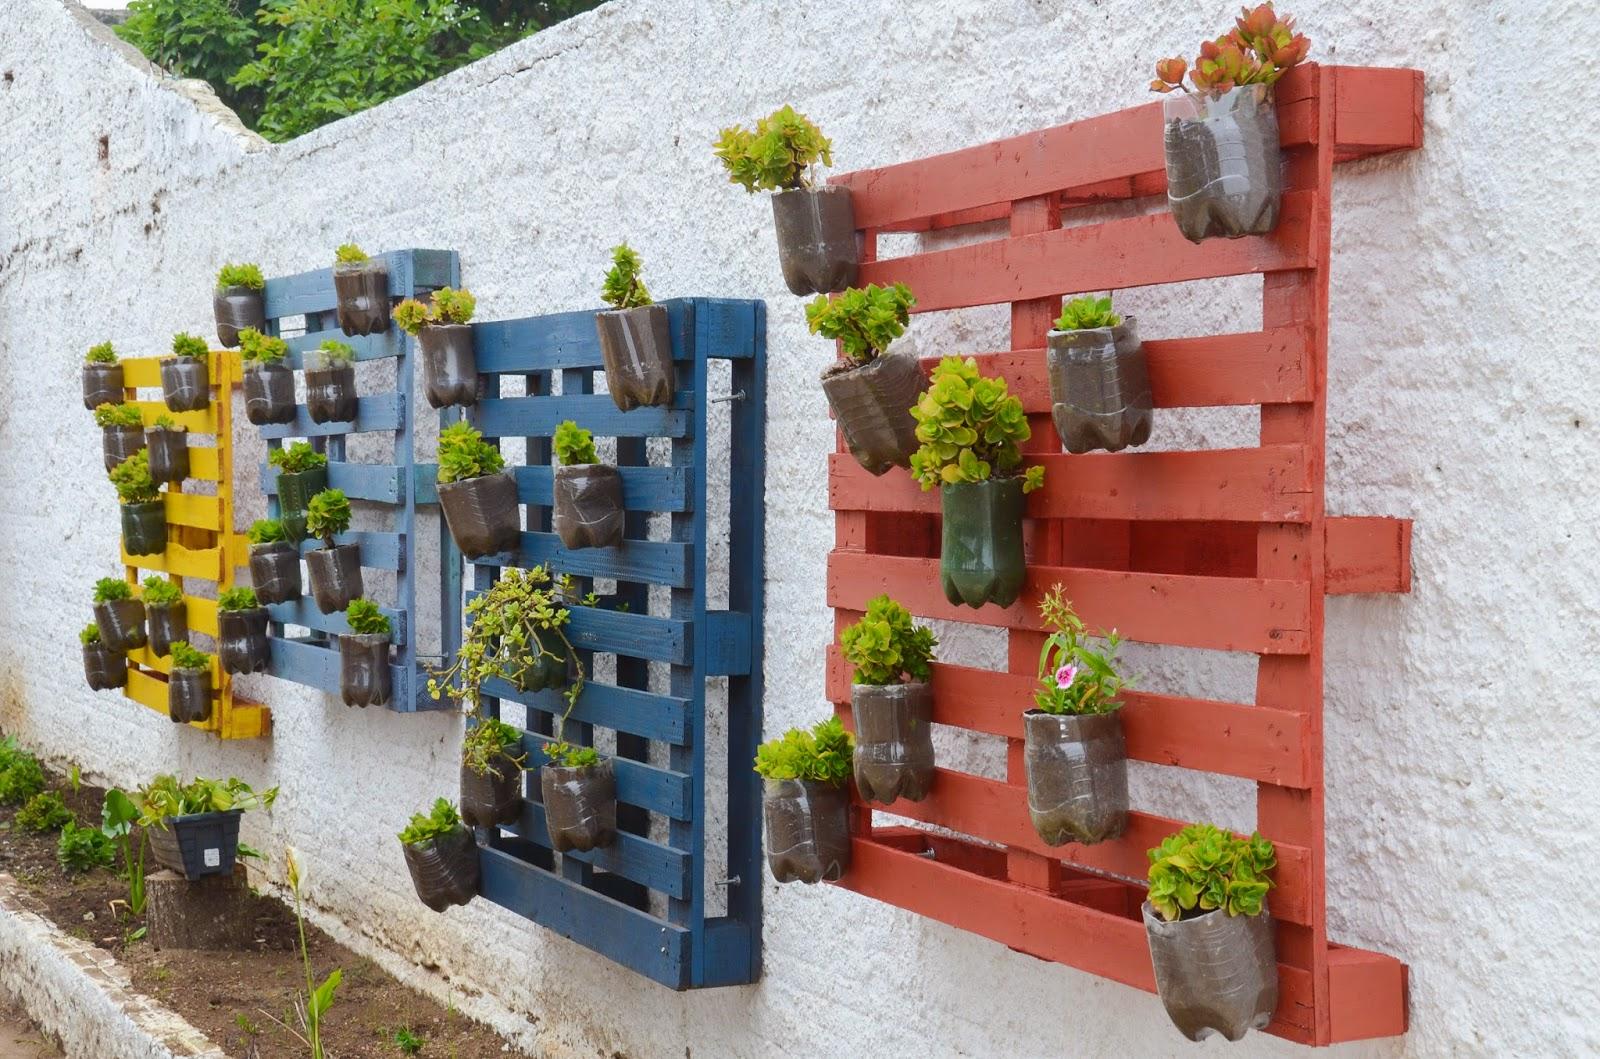 jardim vertical latas:Blog Sempre Fantástica: Jardim suspenso e de lixo reciclável